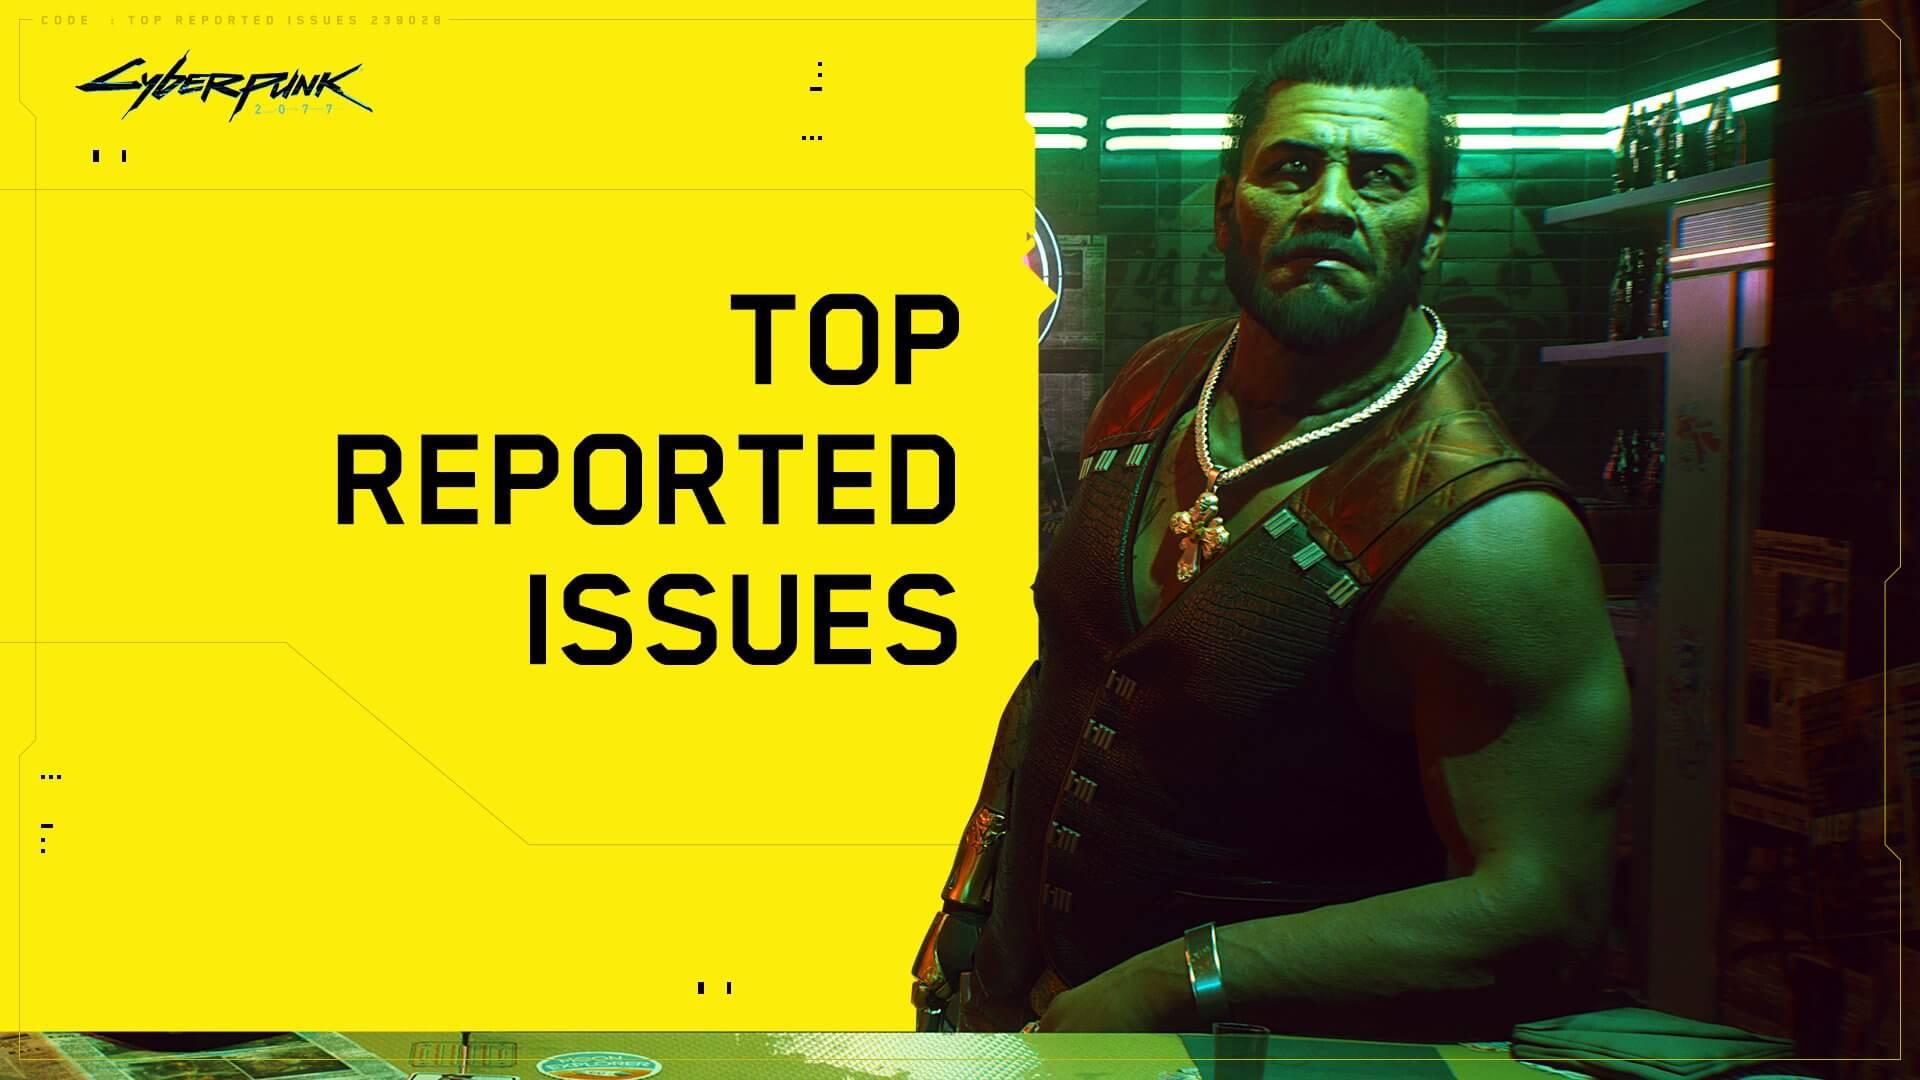 Cyberpunk 2077 muestra su lista de errores más frecuentes en PS4 y PS5